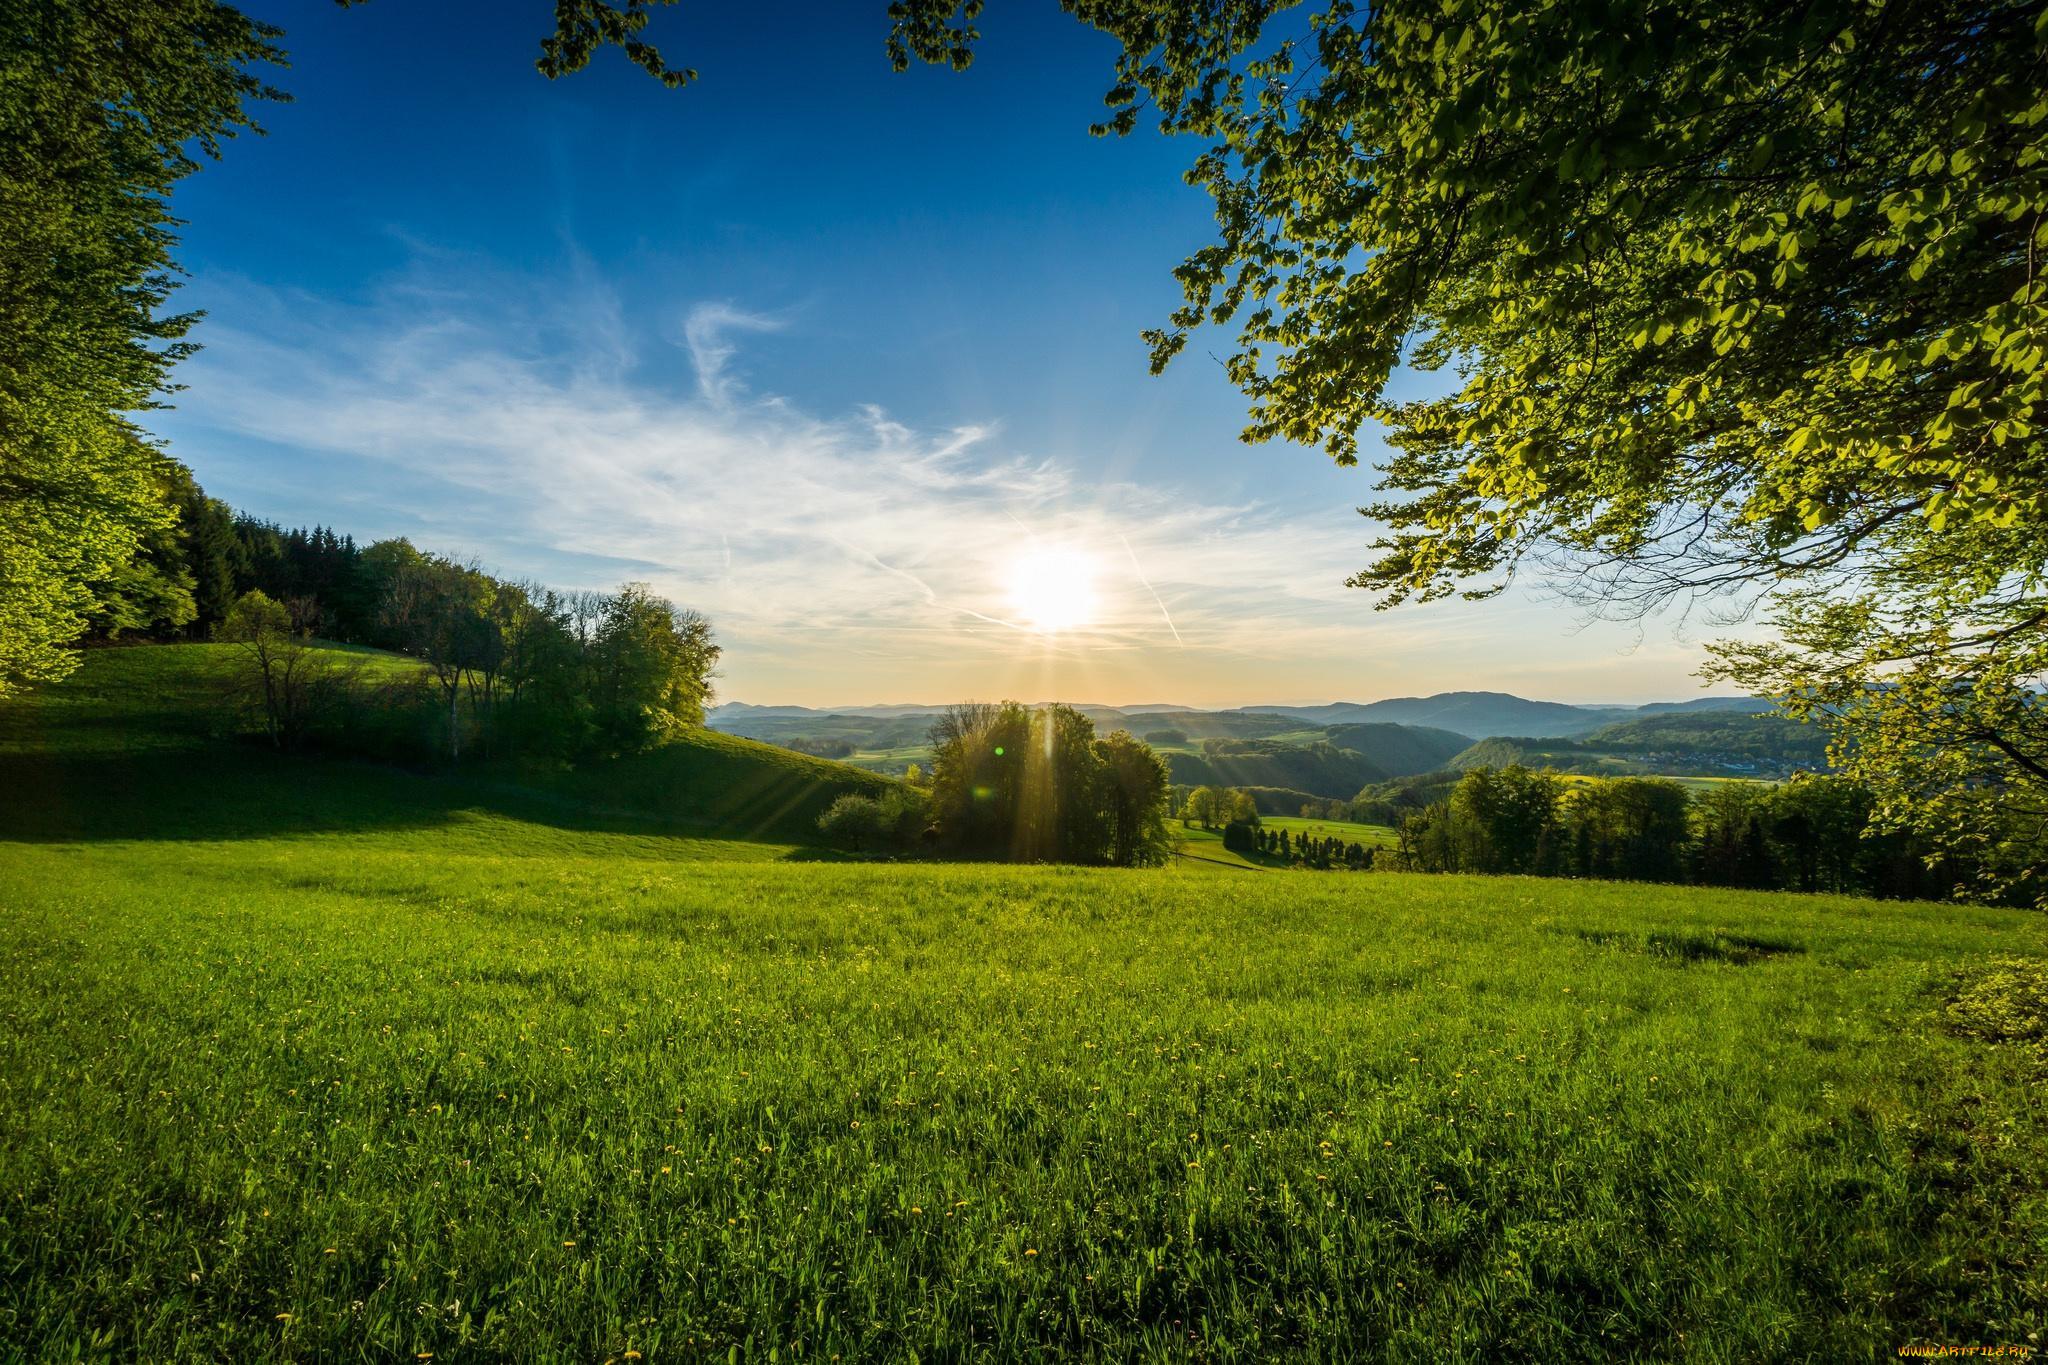 картинка утро трава природа второй день